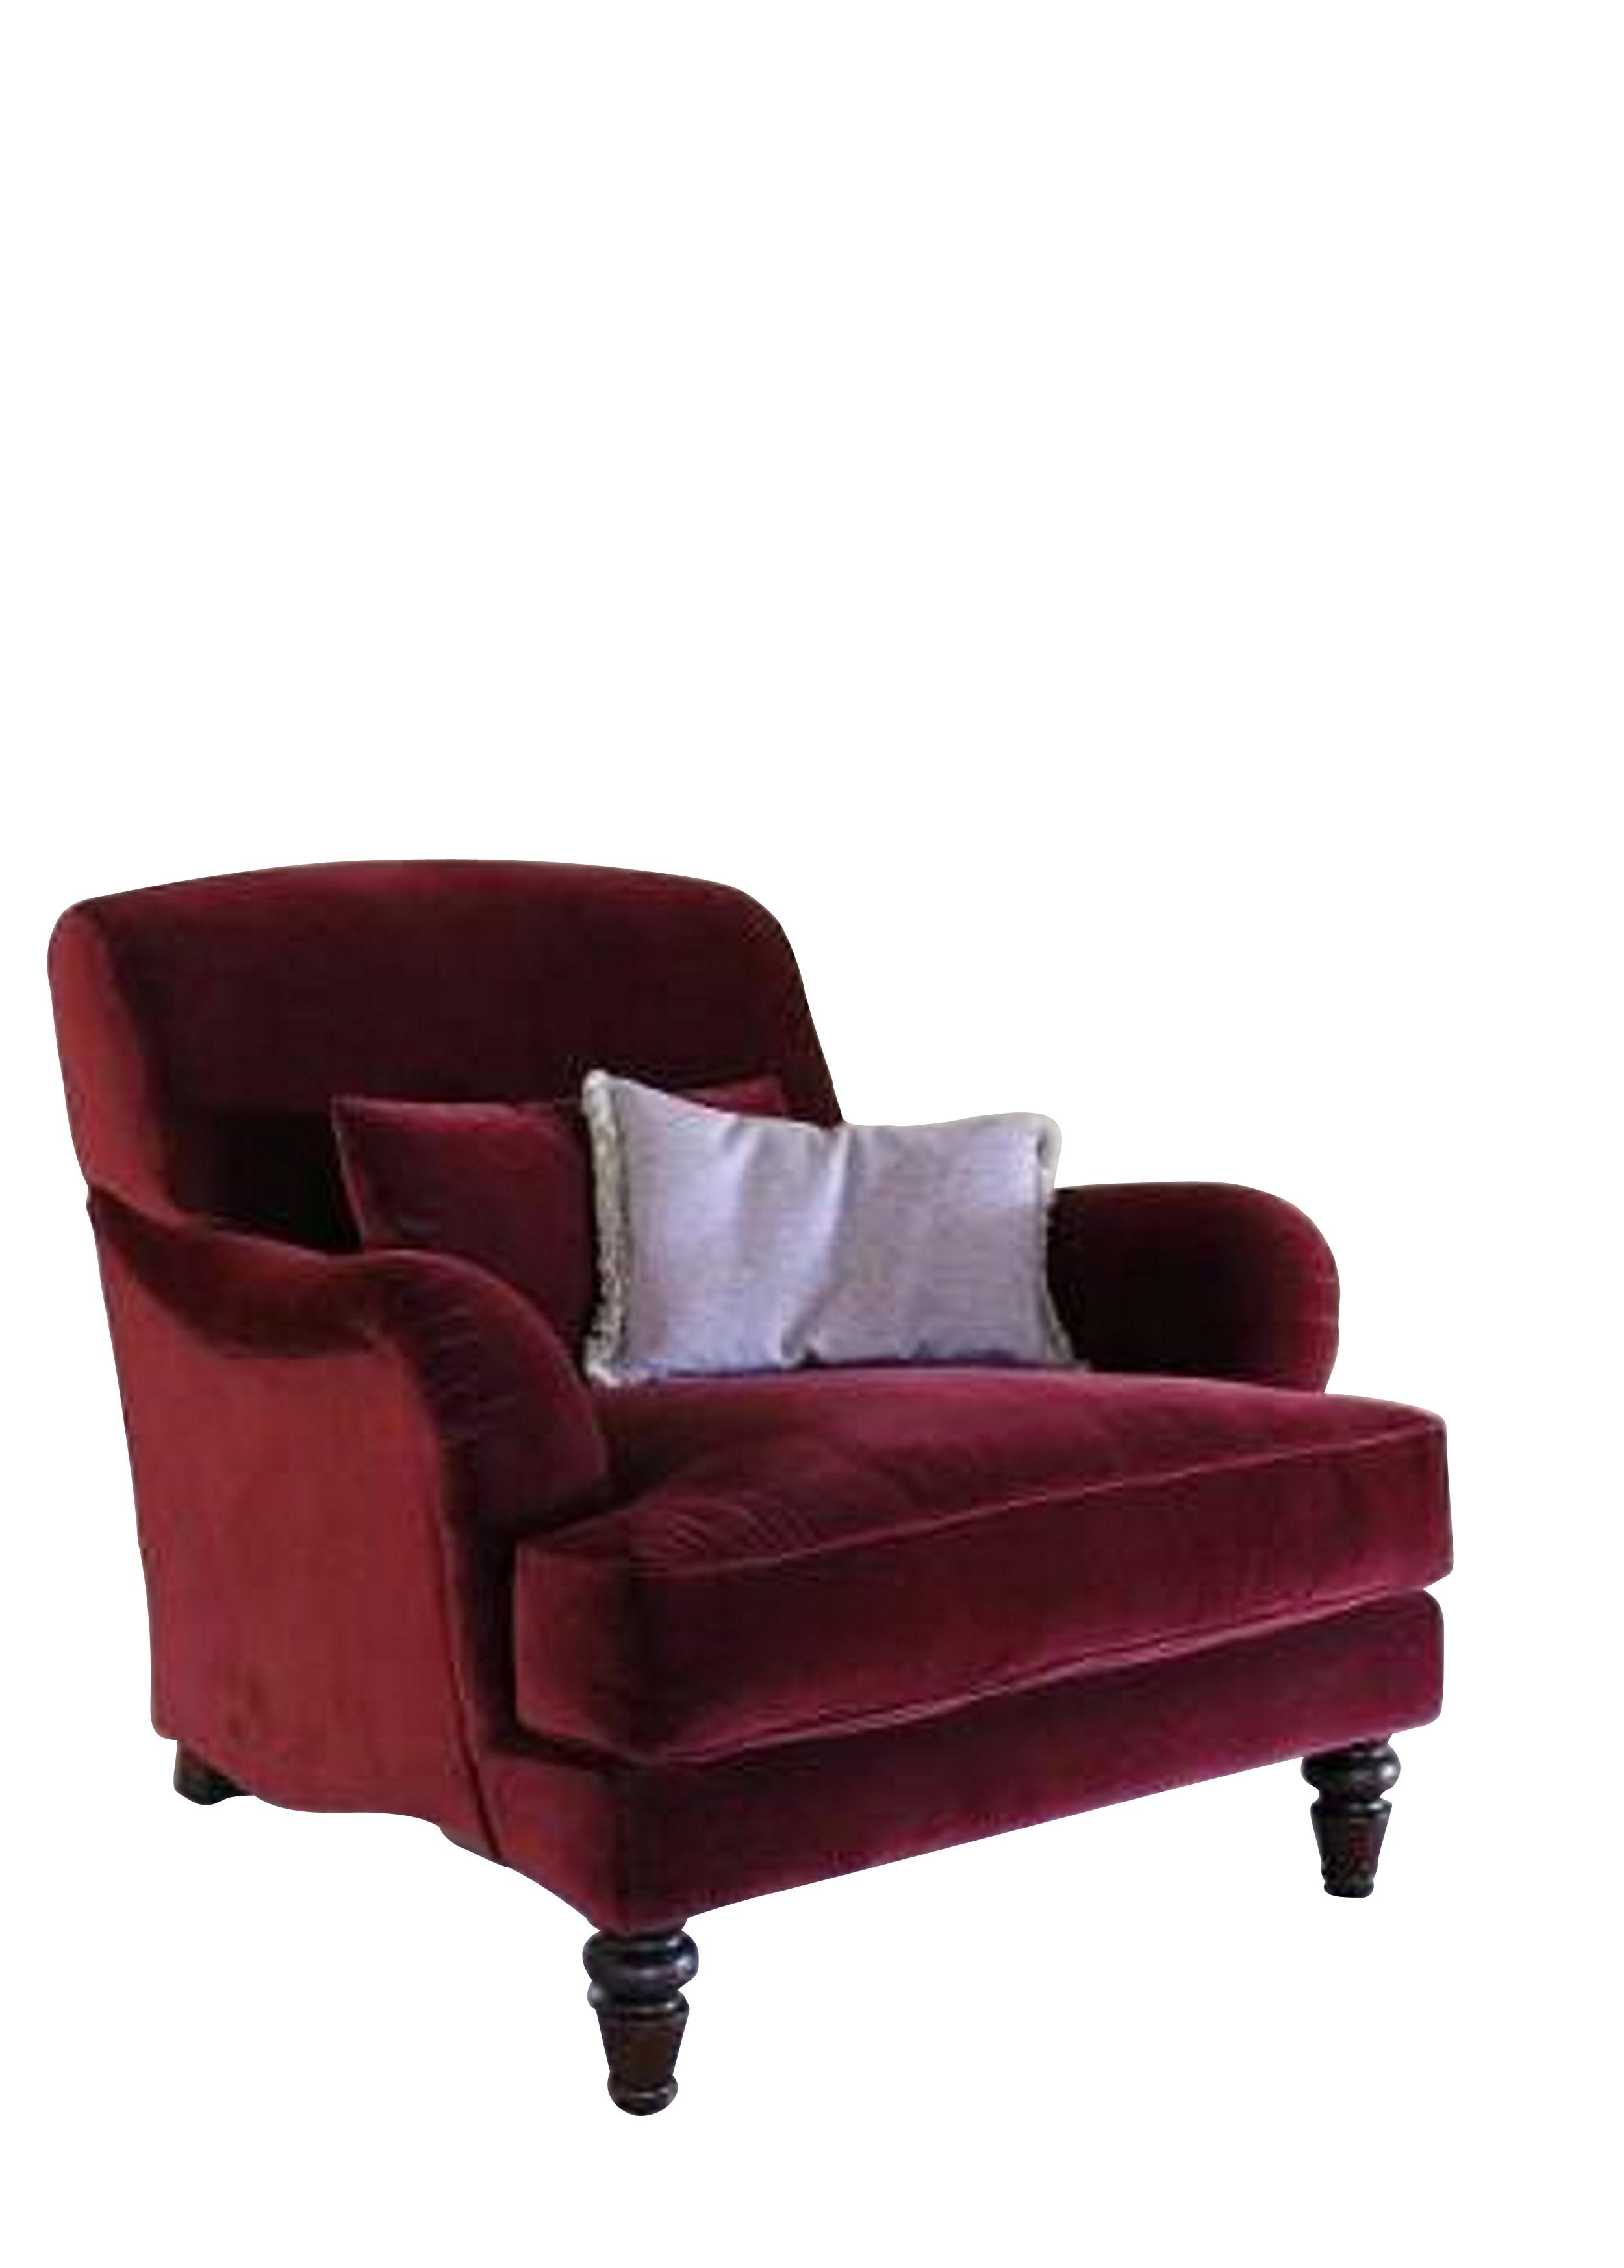 http://www.darlingsofchelsea.co.uk/aberdeen-chair